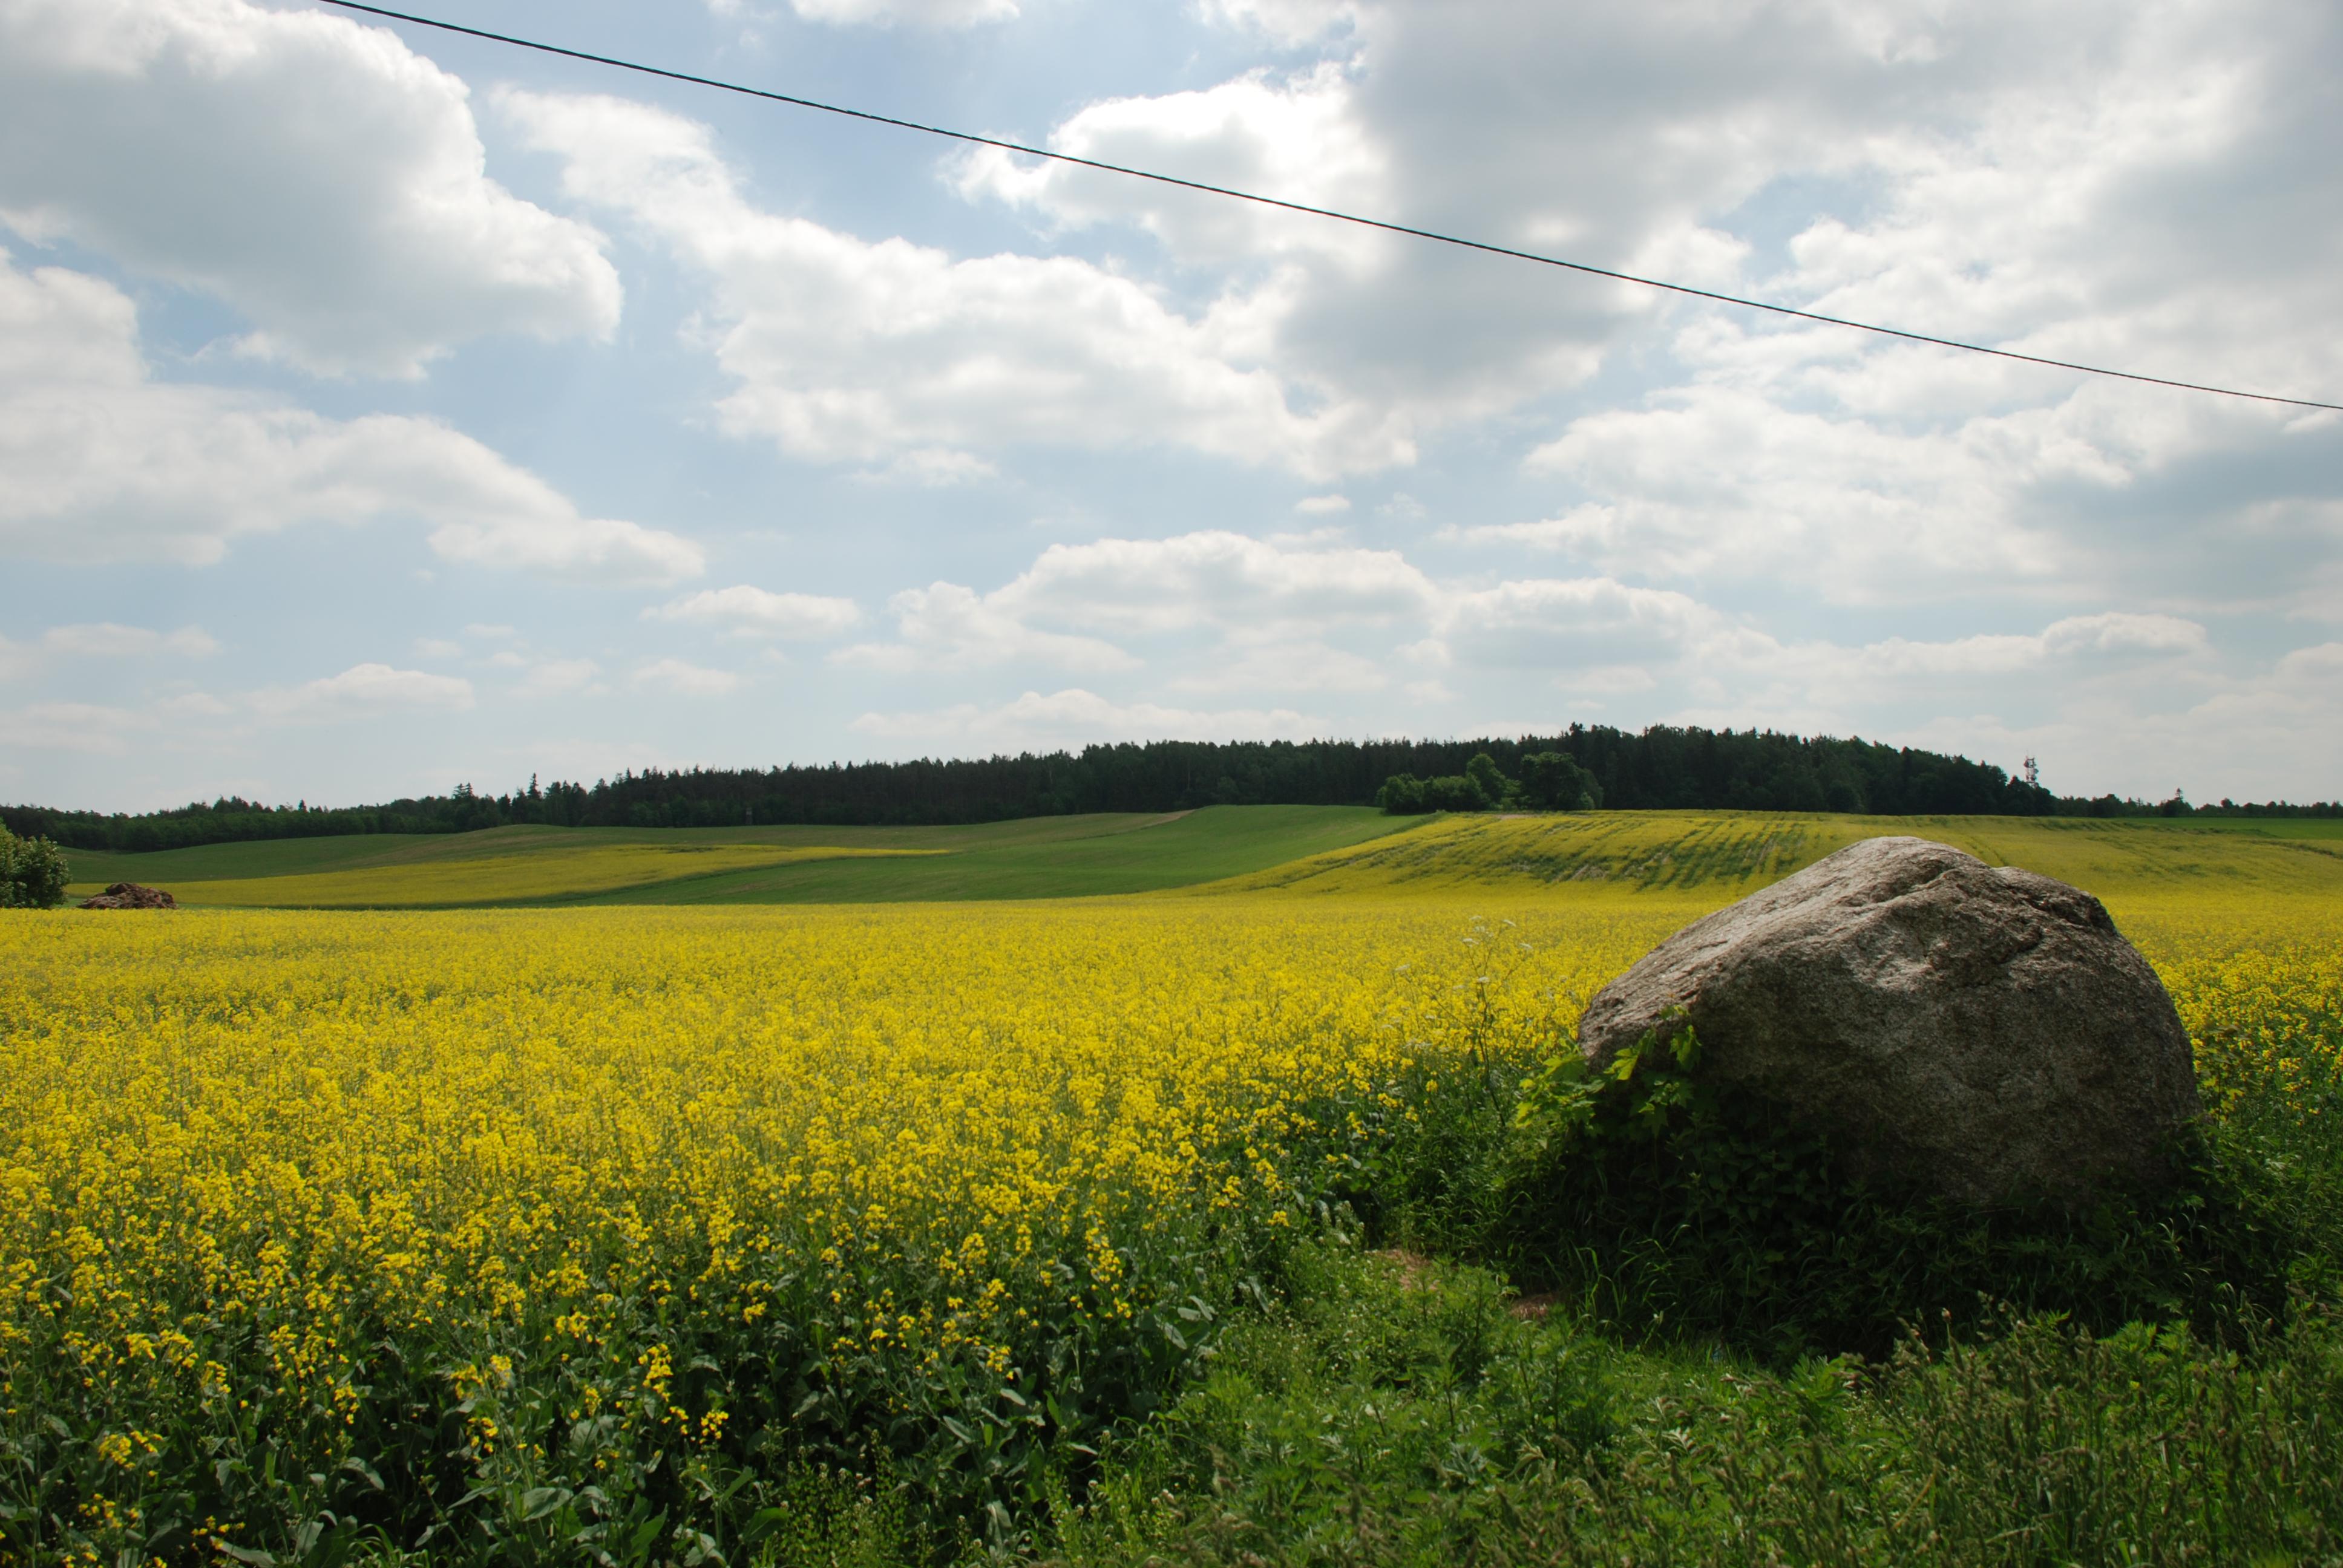 Rapsfeld in Polen – Allergieauslöser bei Heuschnupfen, Foto: Brigitte Jäger-Dabek